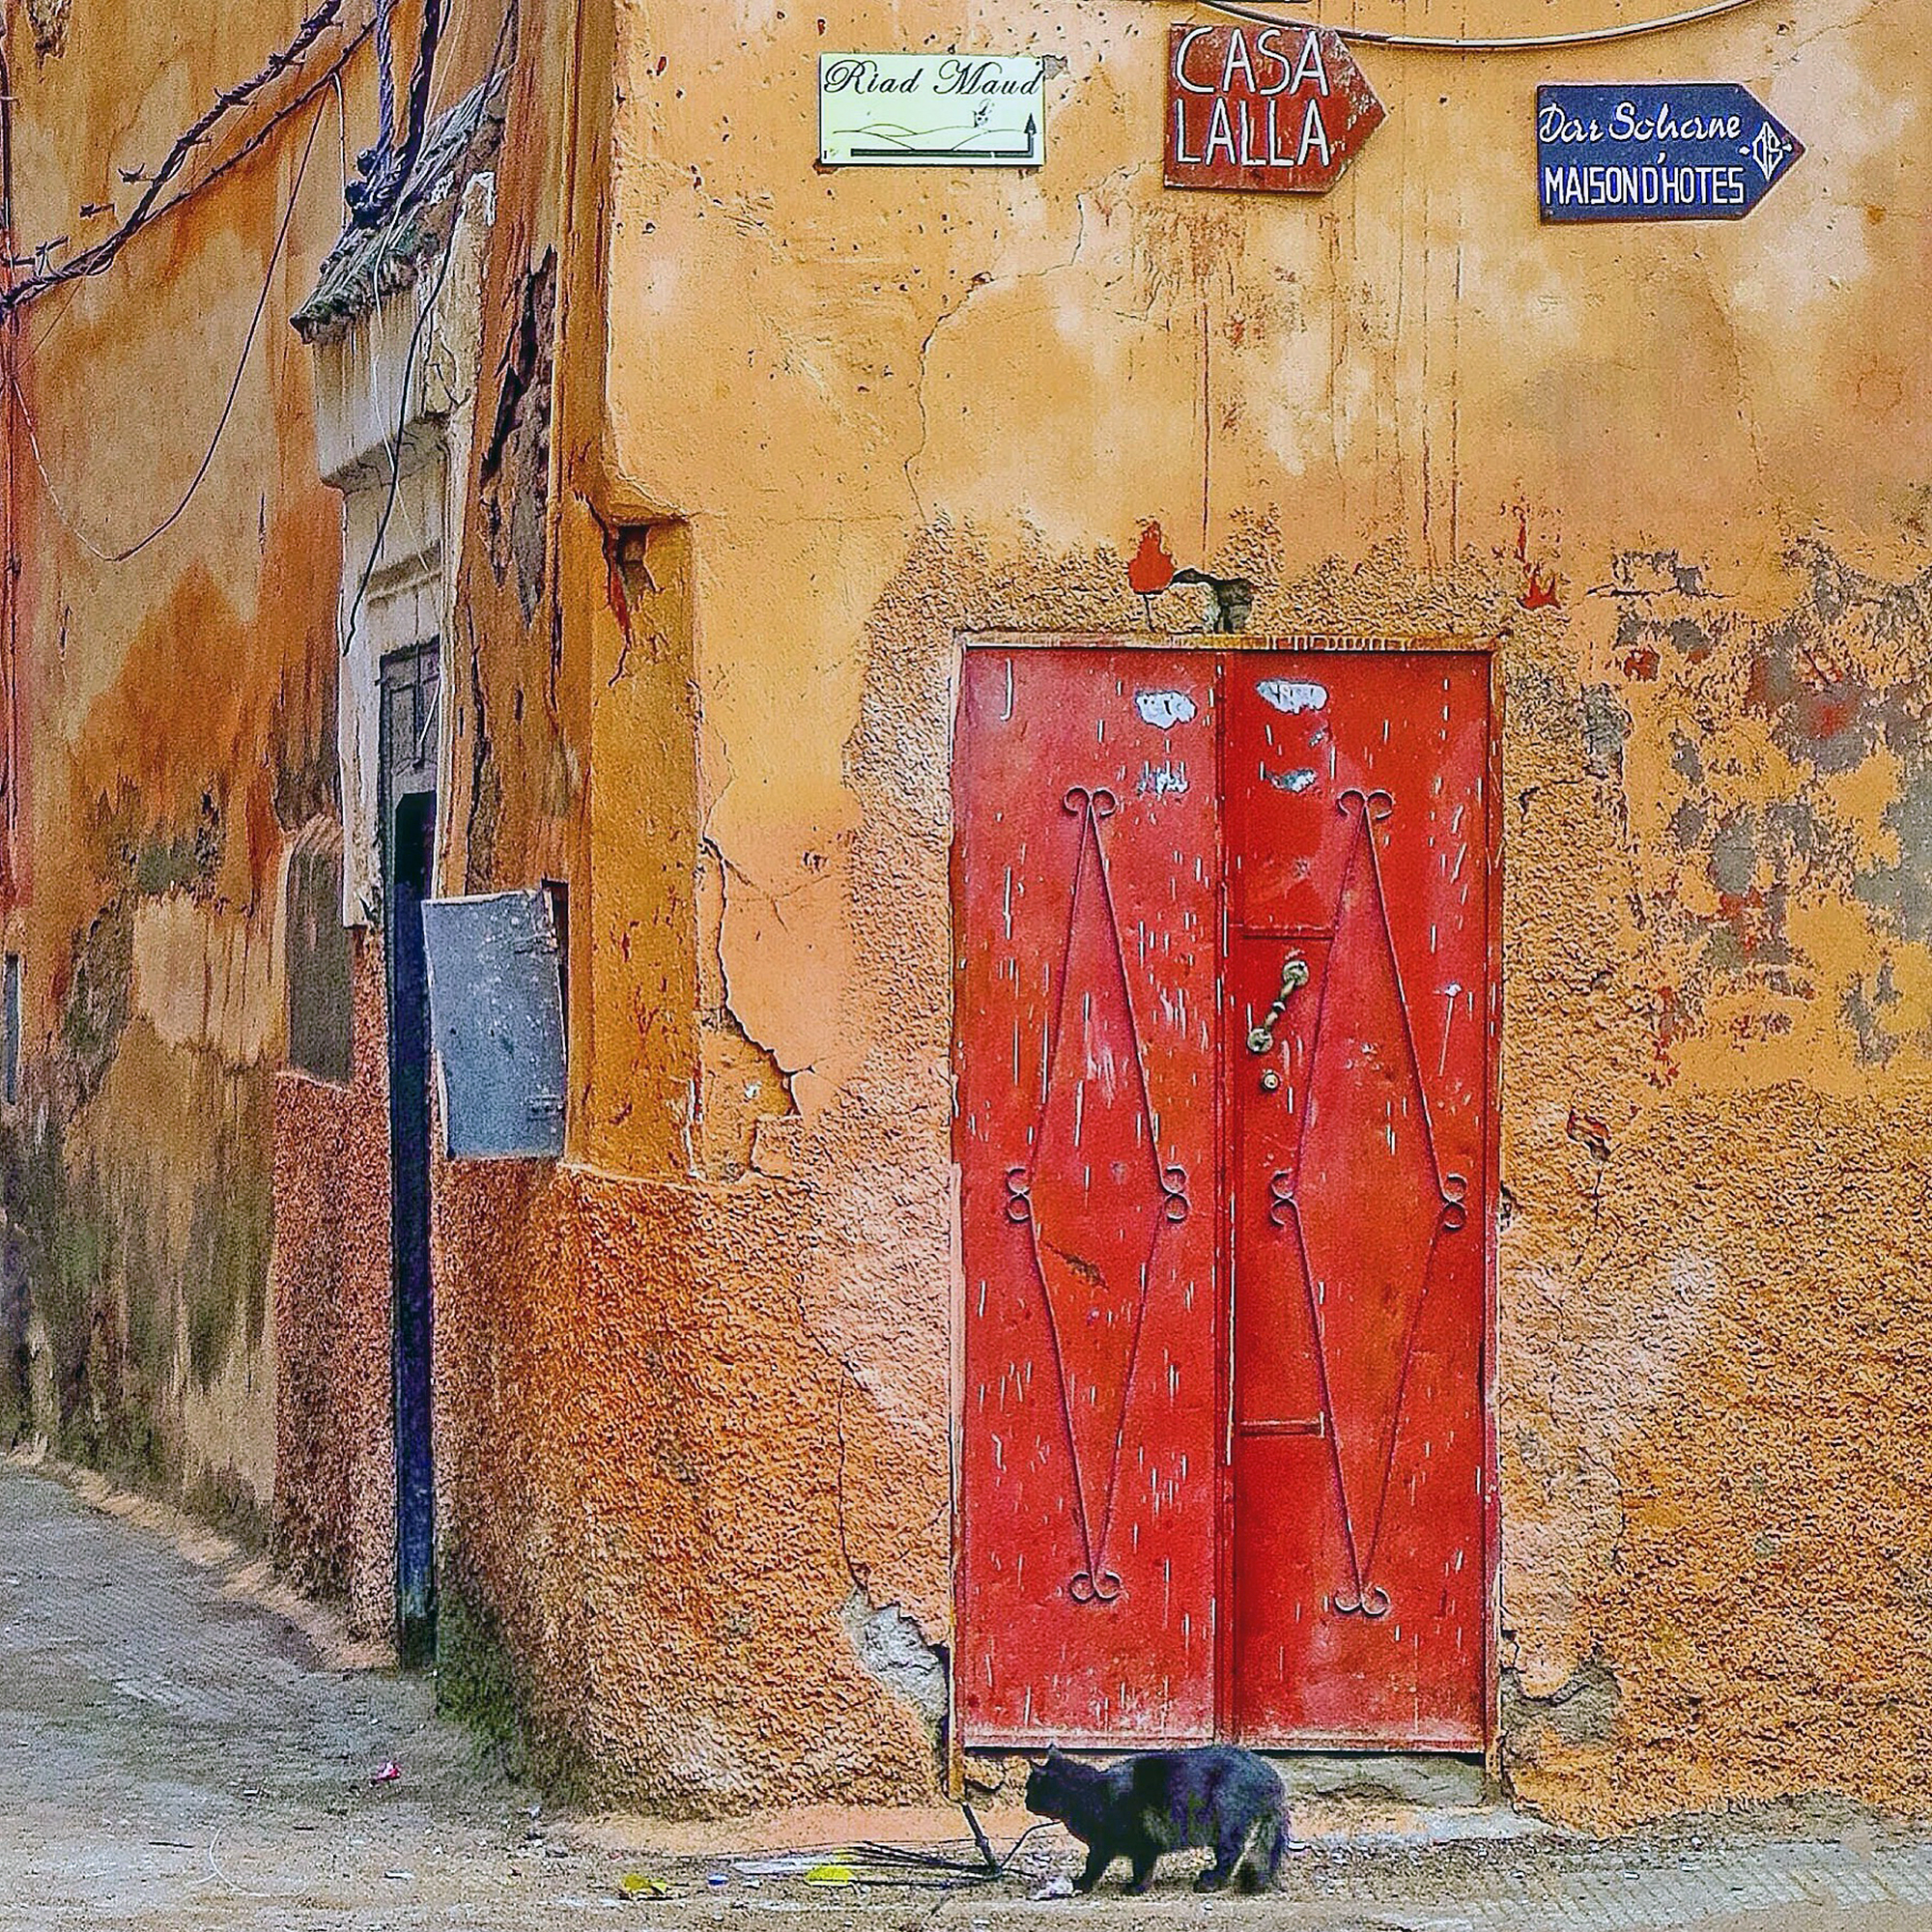 #doorsofinstagram: Marrakesch